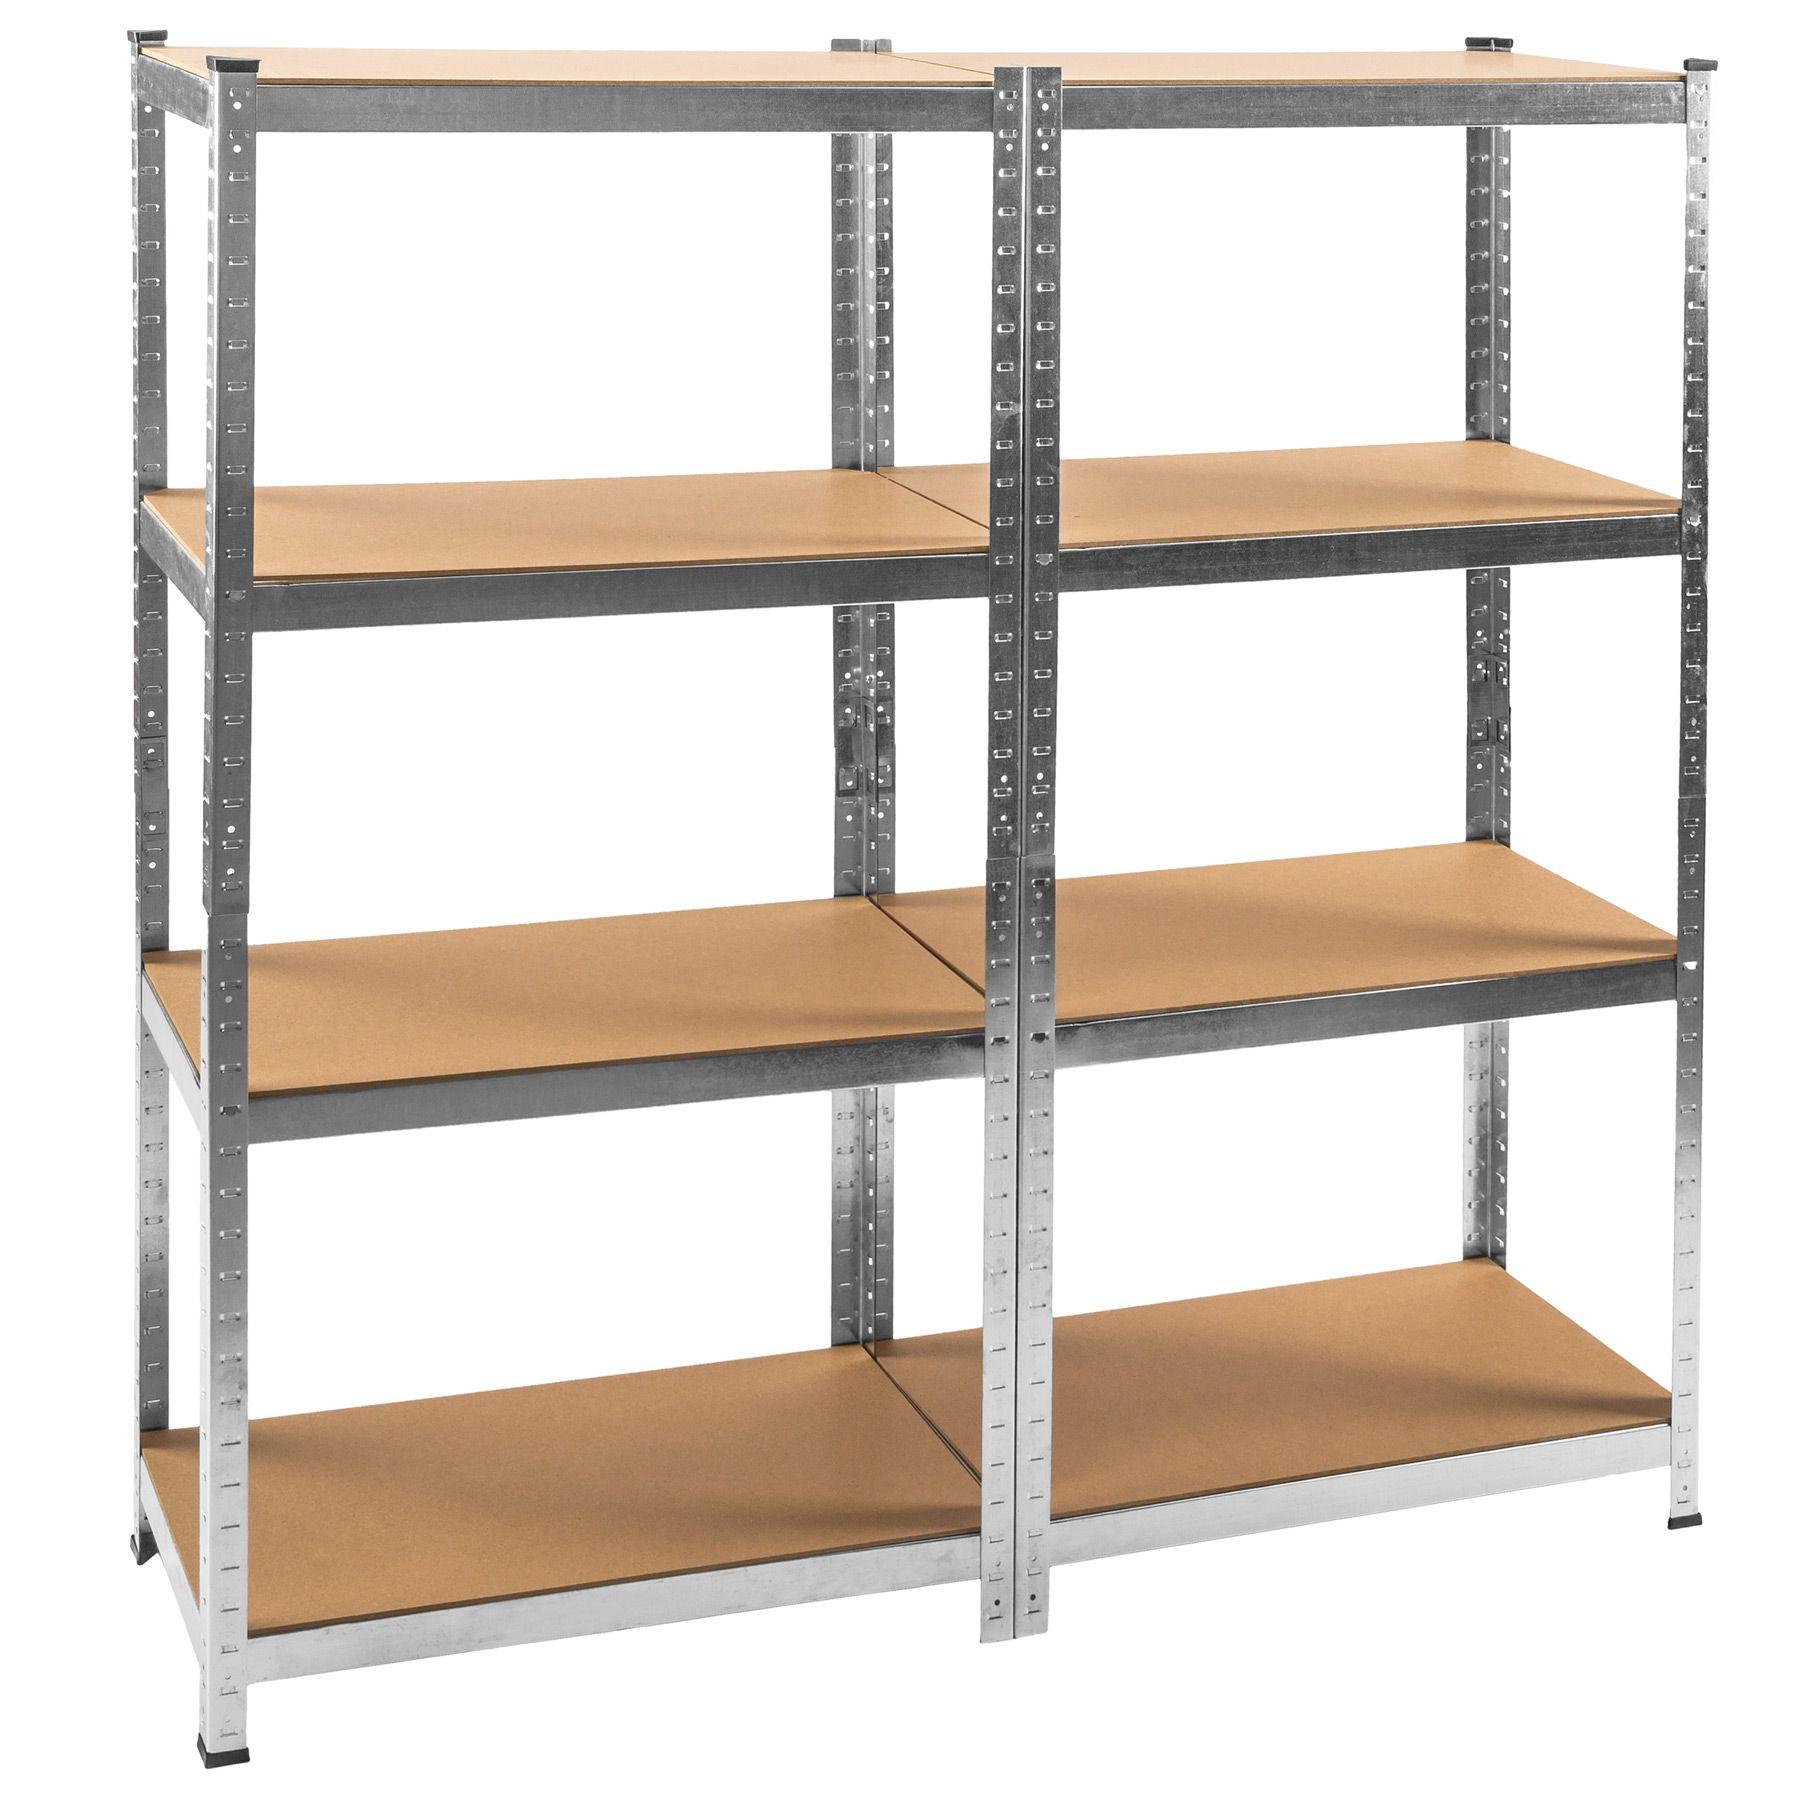 Estanter a multiusos met lica garaje unidad almacenamiento - Estanterias para garaje ...